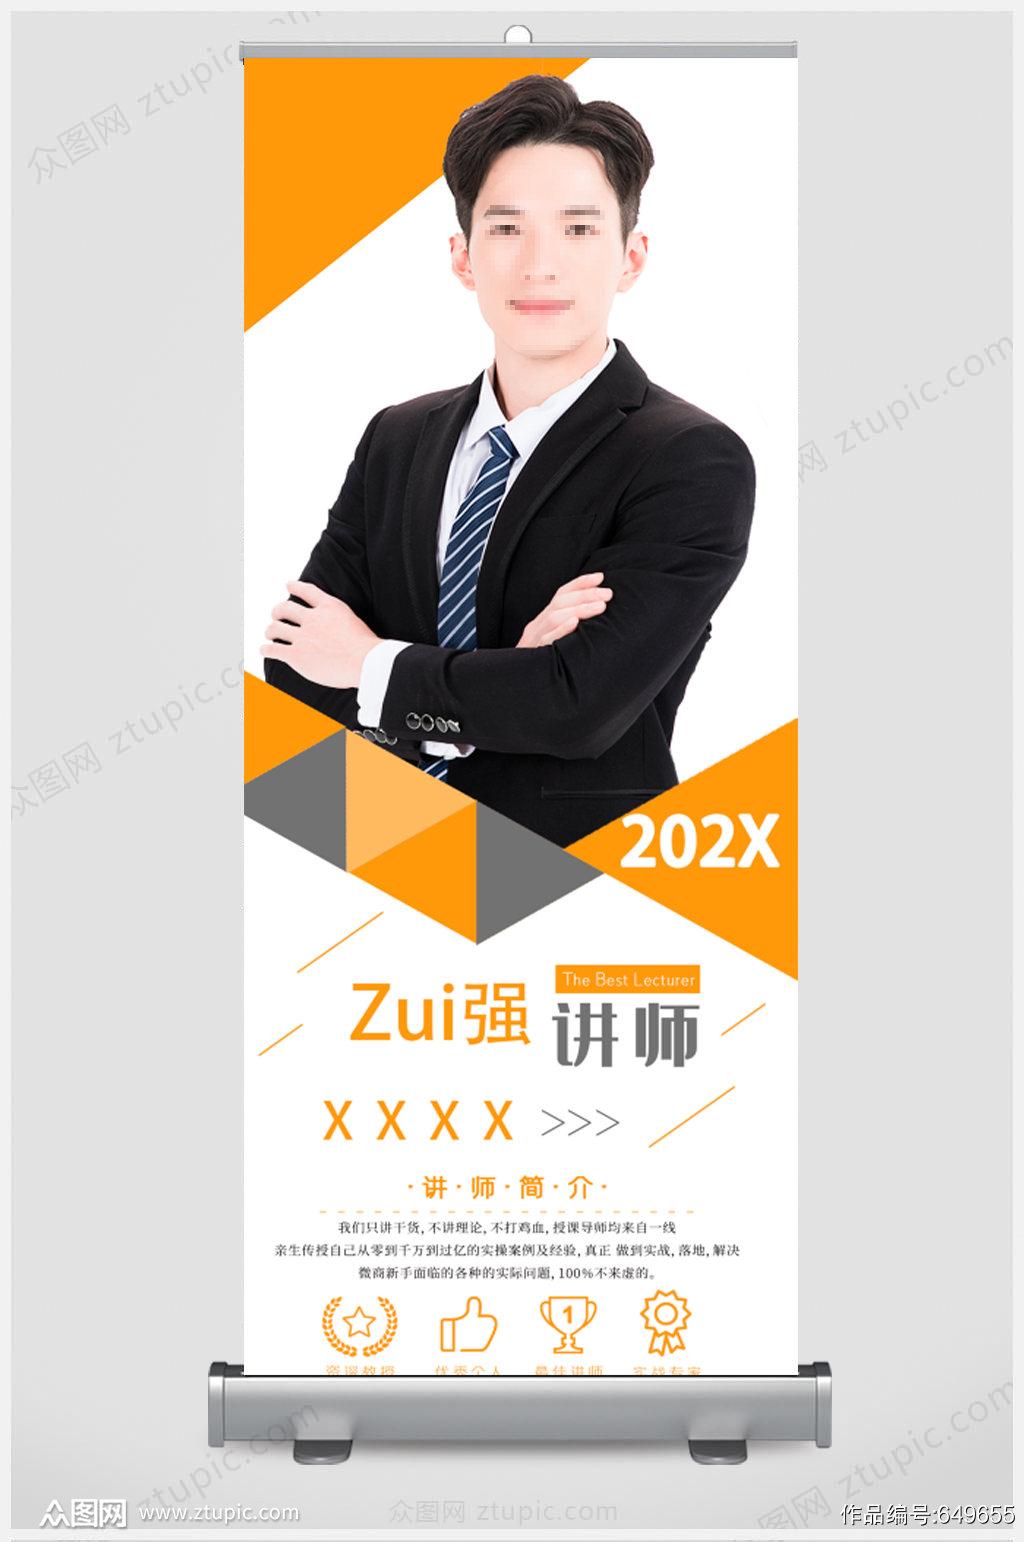 黄色商务金牌导师教师人物简介展板海报讲师素材